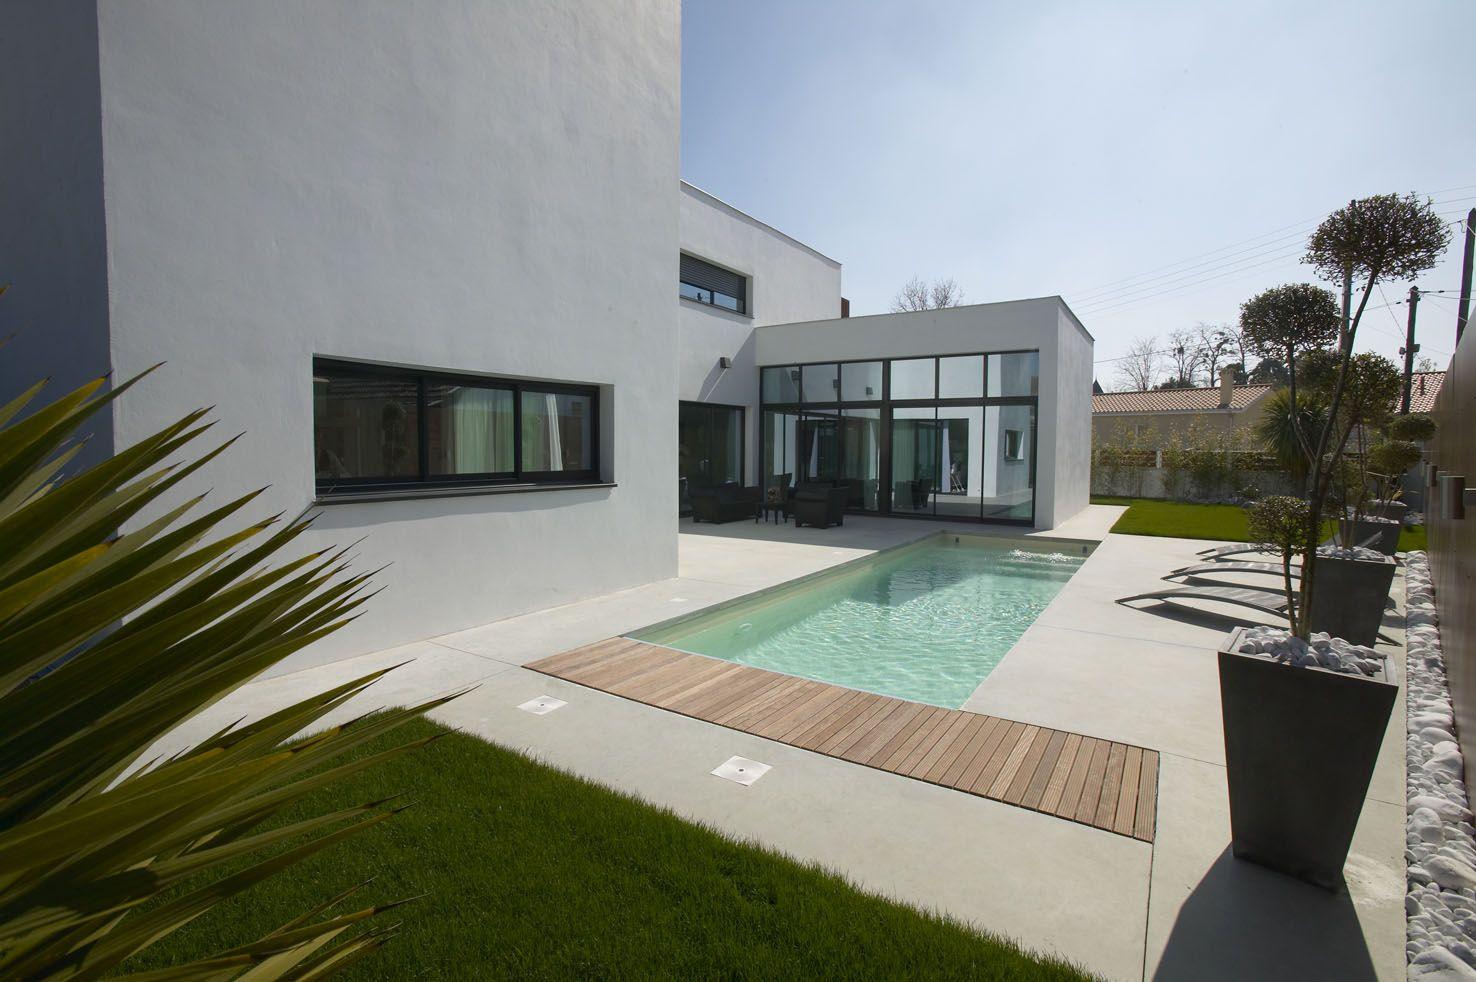 Maison A Toit Plat Plan Maison Contemporaine Toit Plat Recherche Google Idees Conception Jardin Idees Conception Jardin